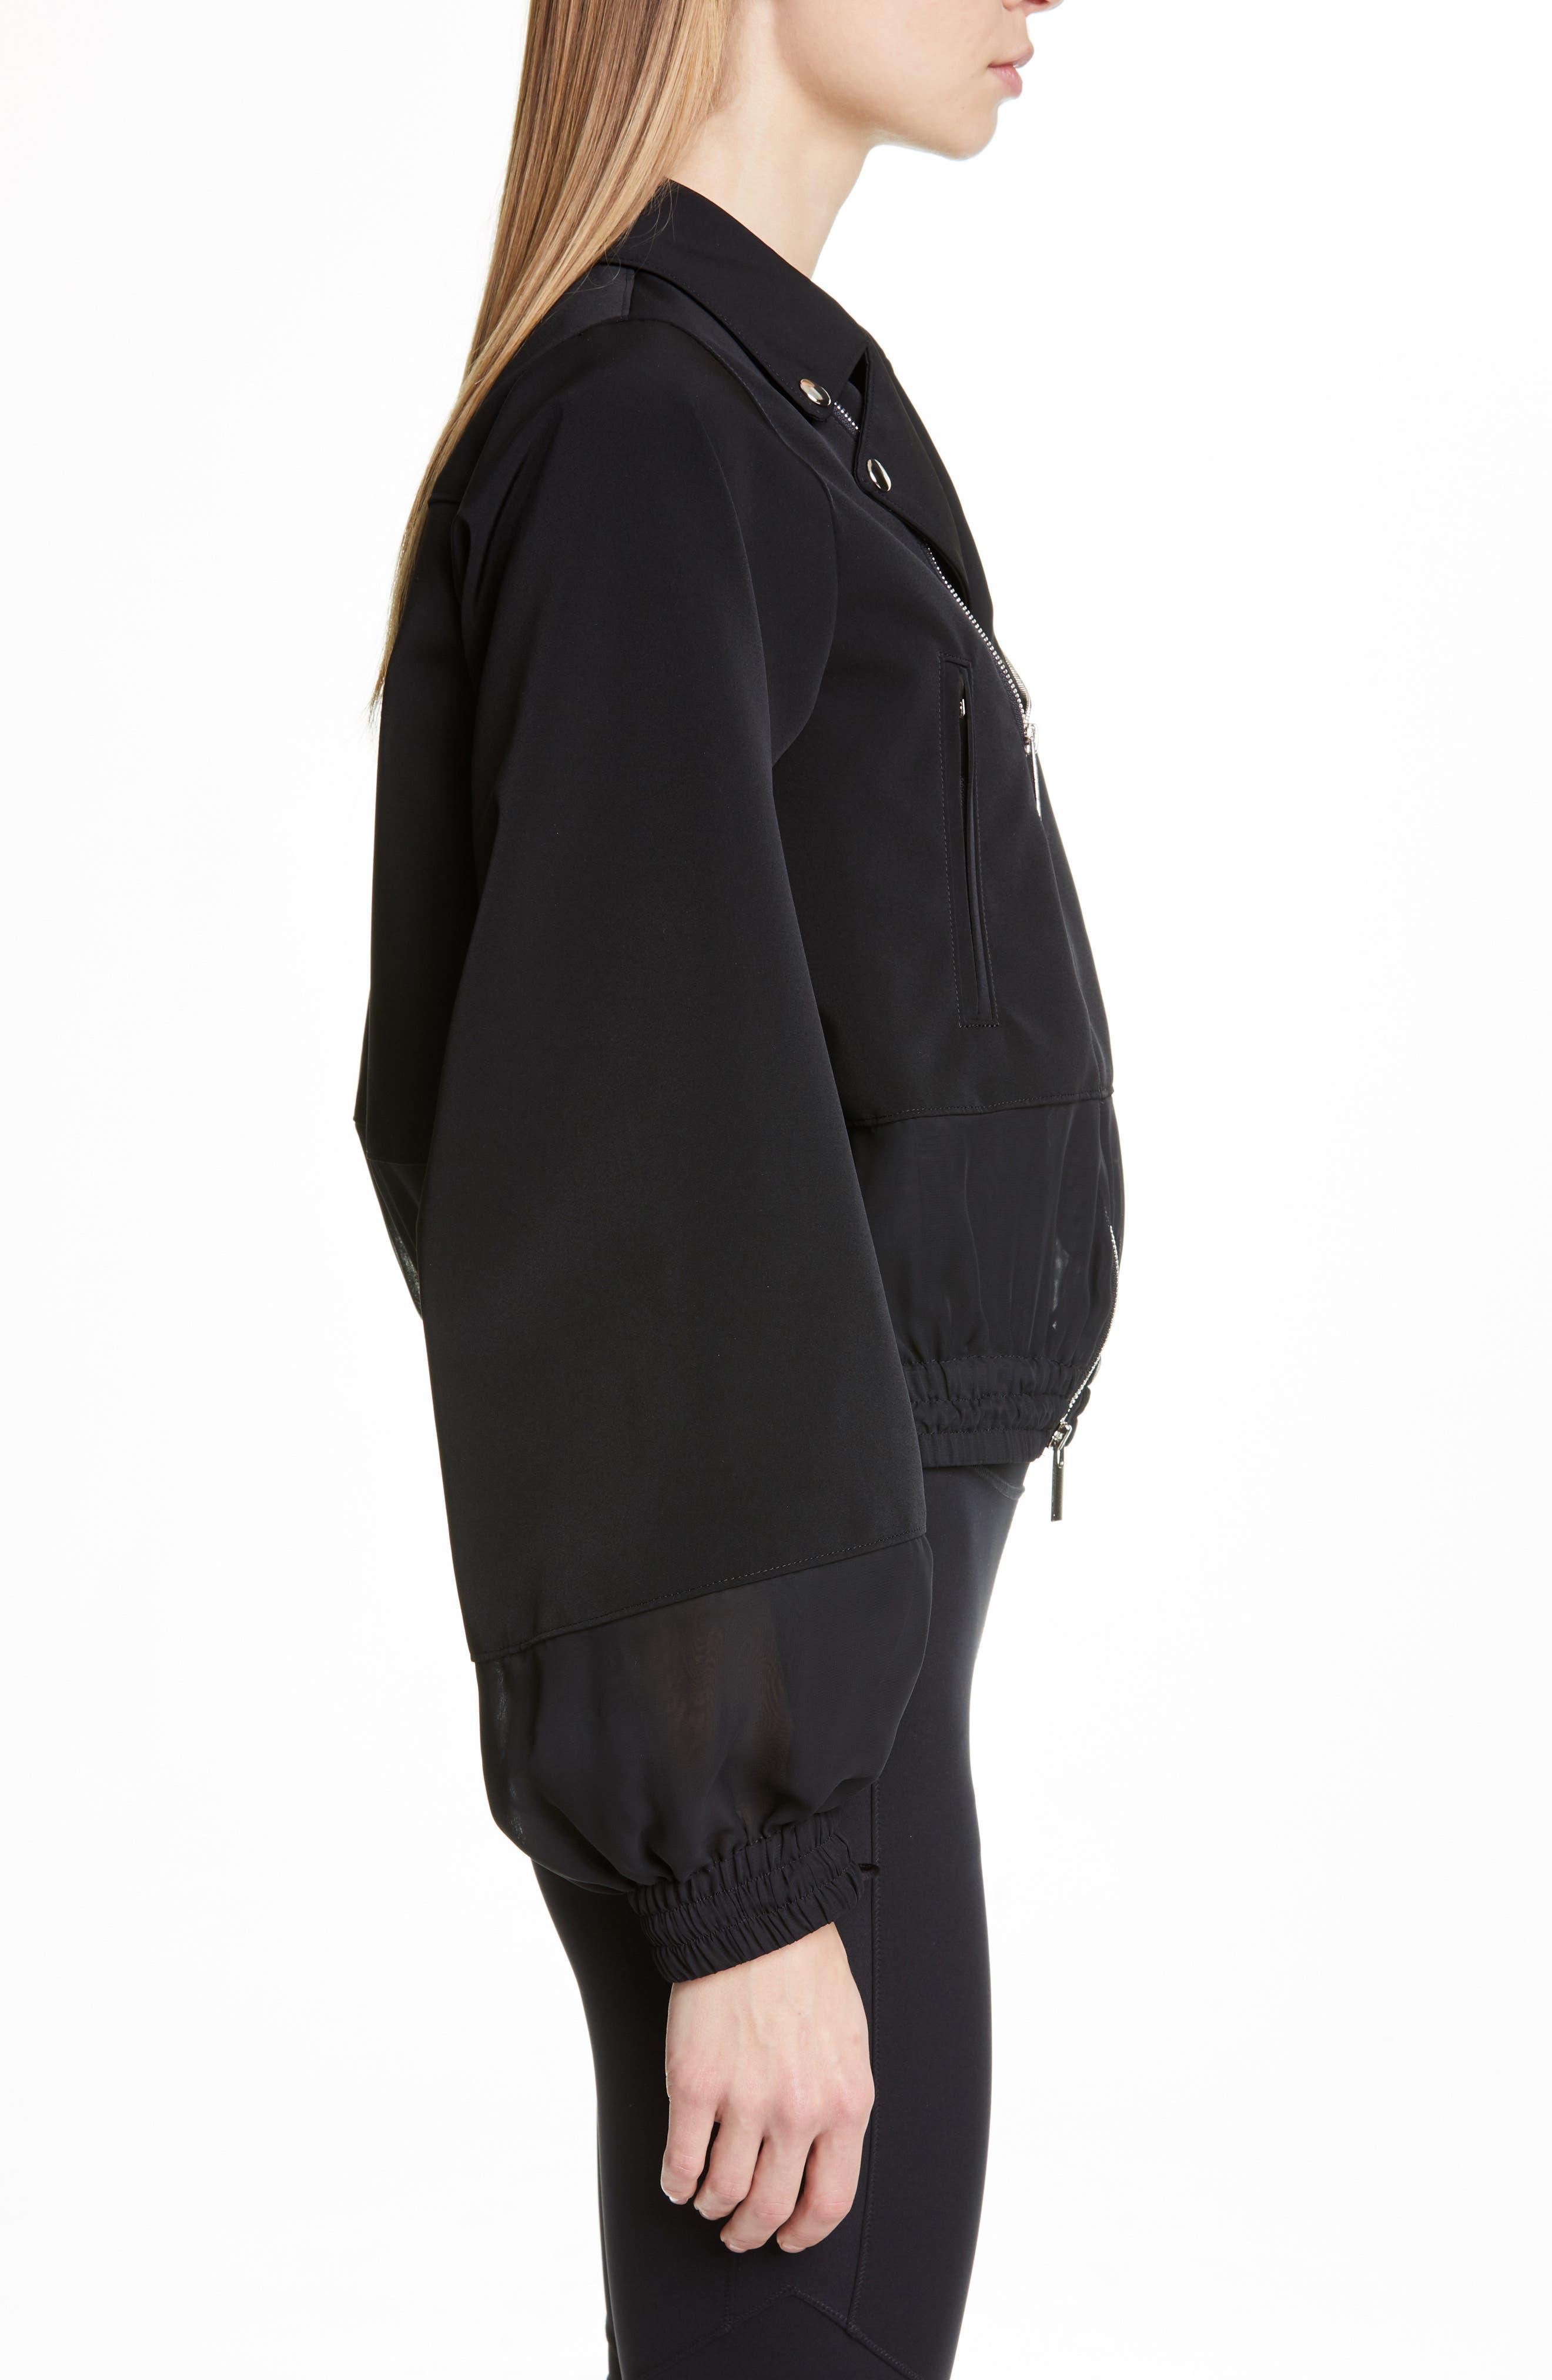 NOIR KEI NINOMIYA, Sheer Panel Moto Jacket, Alternate thumbnail 3, color, BLACK